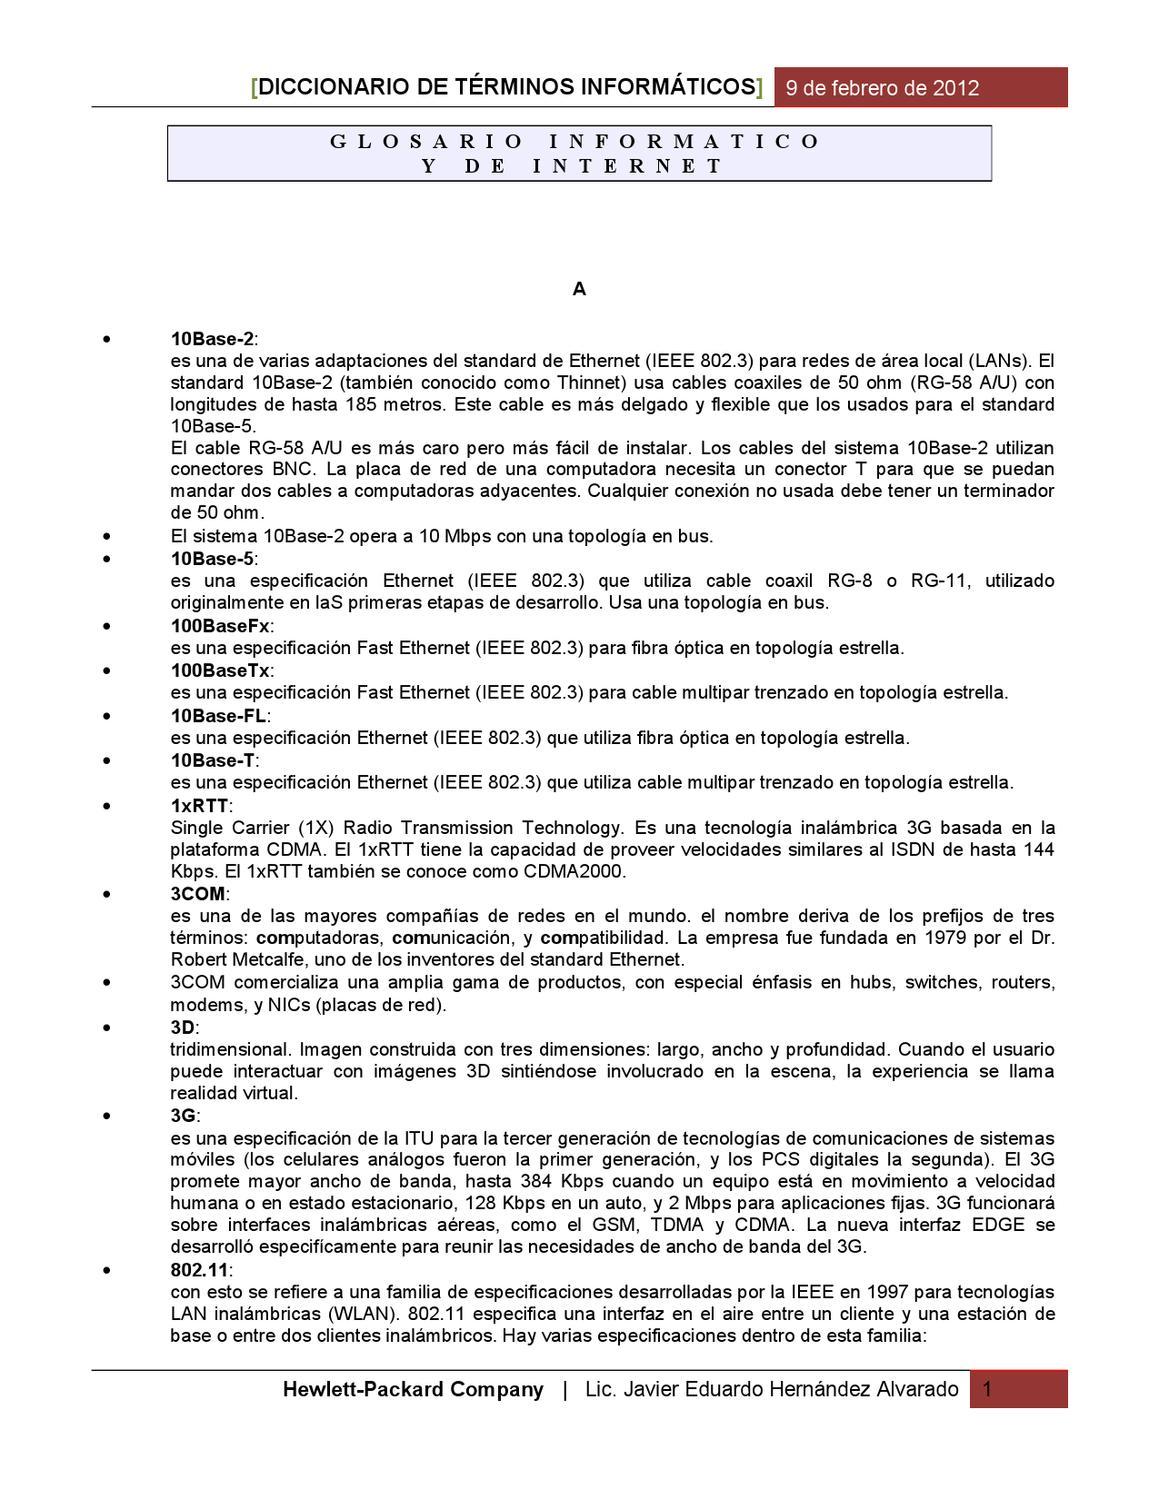 GLOSARIO DE TERMINOS INFORMÁTICOS E INTERNET by JAVIER HERNANDEZ ...